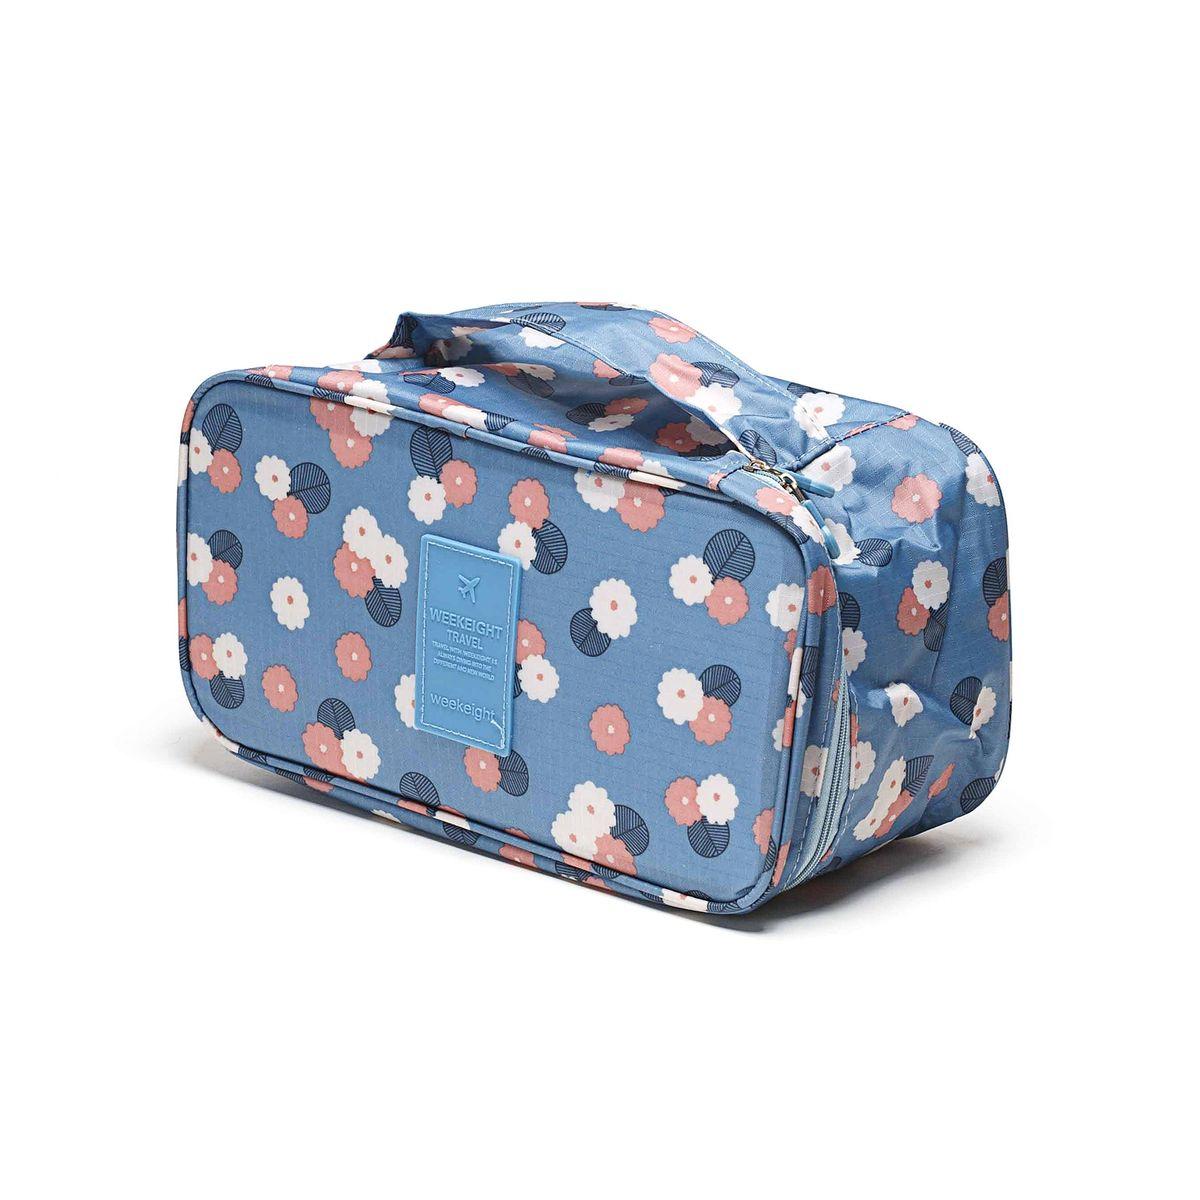 Косметичка-органайзер Homsu Цветок, цвет: синий, белый, розовый, 28 x 13 x 15 смHOM-354Косметичка-органайзер Homsu Цветок выполнена из высококачественного полиэстера. Закрывается изделие на застежку-молнию. Внутри имеется 4 отделения для мелочей, а также дополнительная сумочка размером 22 х 14 см, которая крепится к косметичке посредством липучки и надежно защищает ваши вещи за счет удобной молнии. Теперь вы сможете всегда брать с собой все, что вам может понадобиться. Сверху органайзера имеется ручка для удобной переноски. Косметичка-органайзер Homsu Цветок станет незаменимым аксессуаром для любой девушки.Размер косметички: 28 х 13 х 15 см. Размер сумочки: 22 х 14 см.